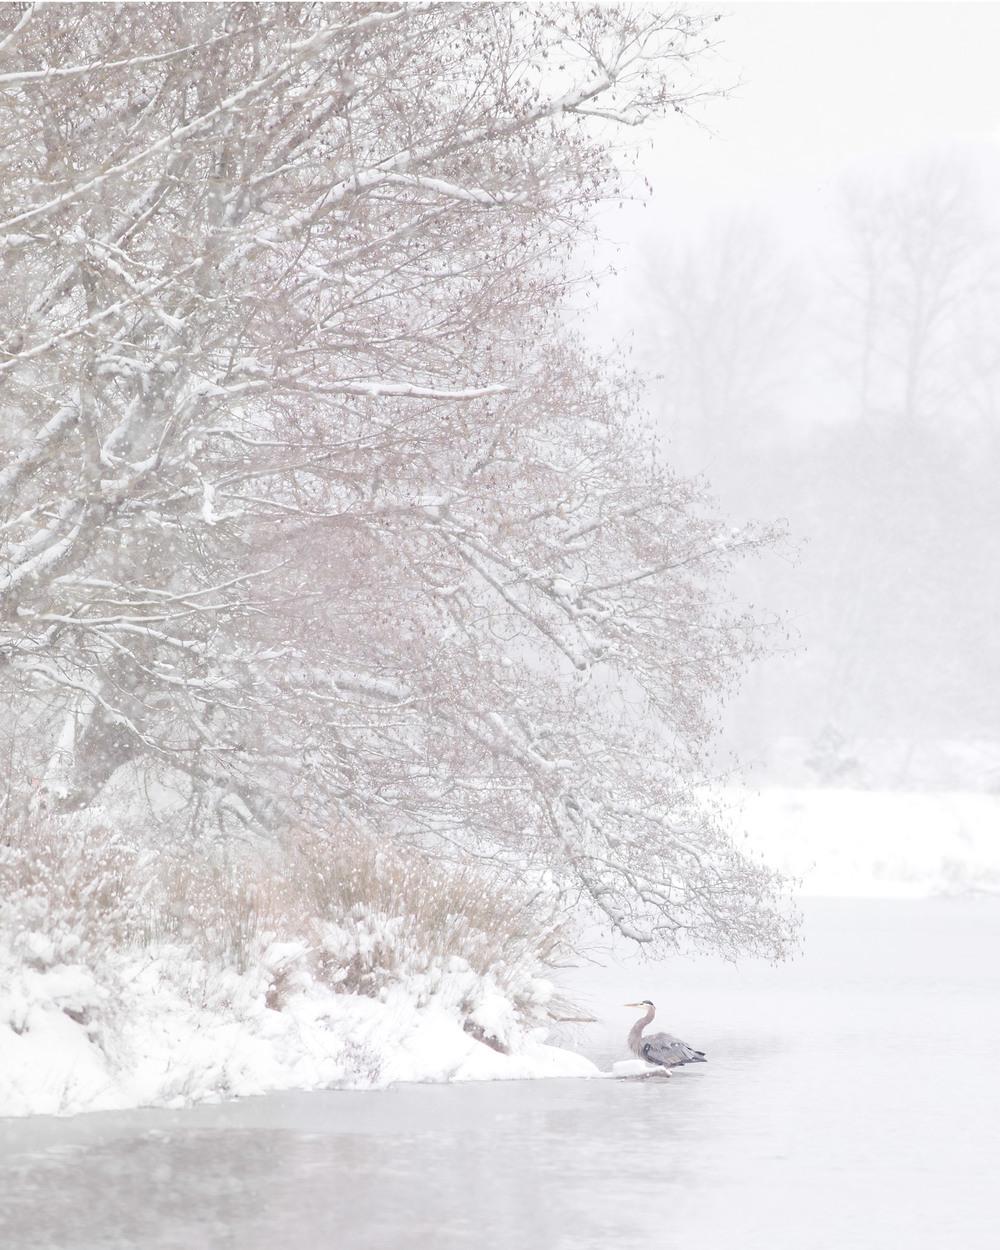 _MG_7838_SnowHeron.jpg